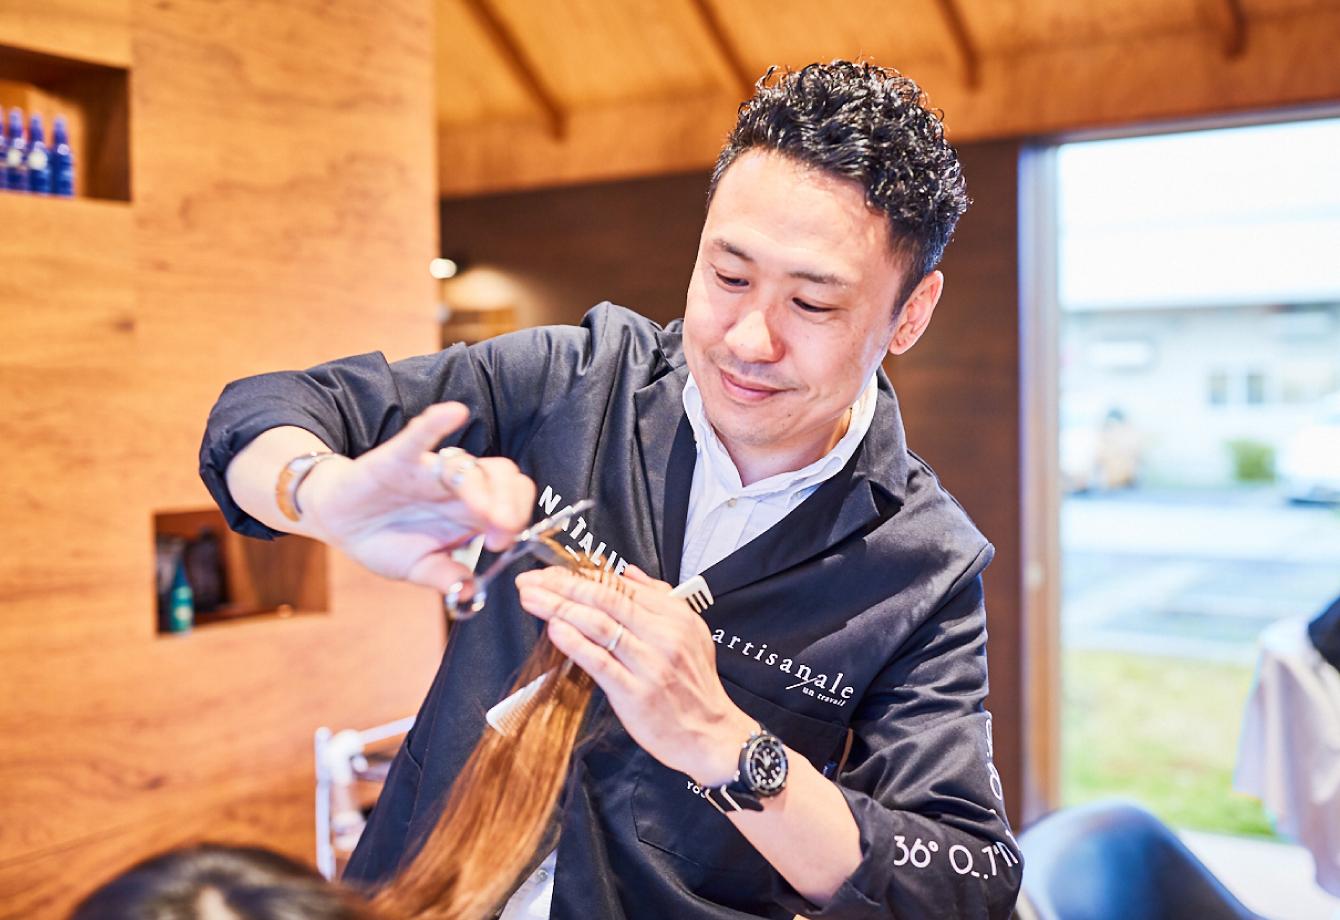 Yocouchi&co.株式会社 代表取締役 横内 尚樹様